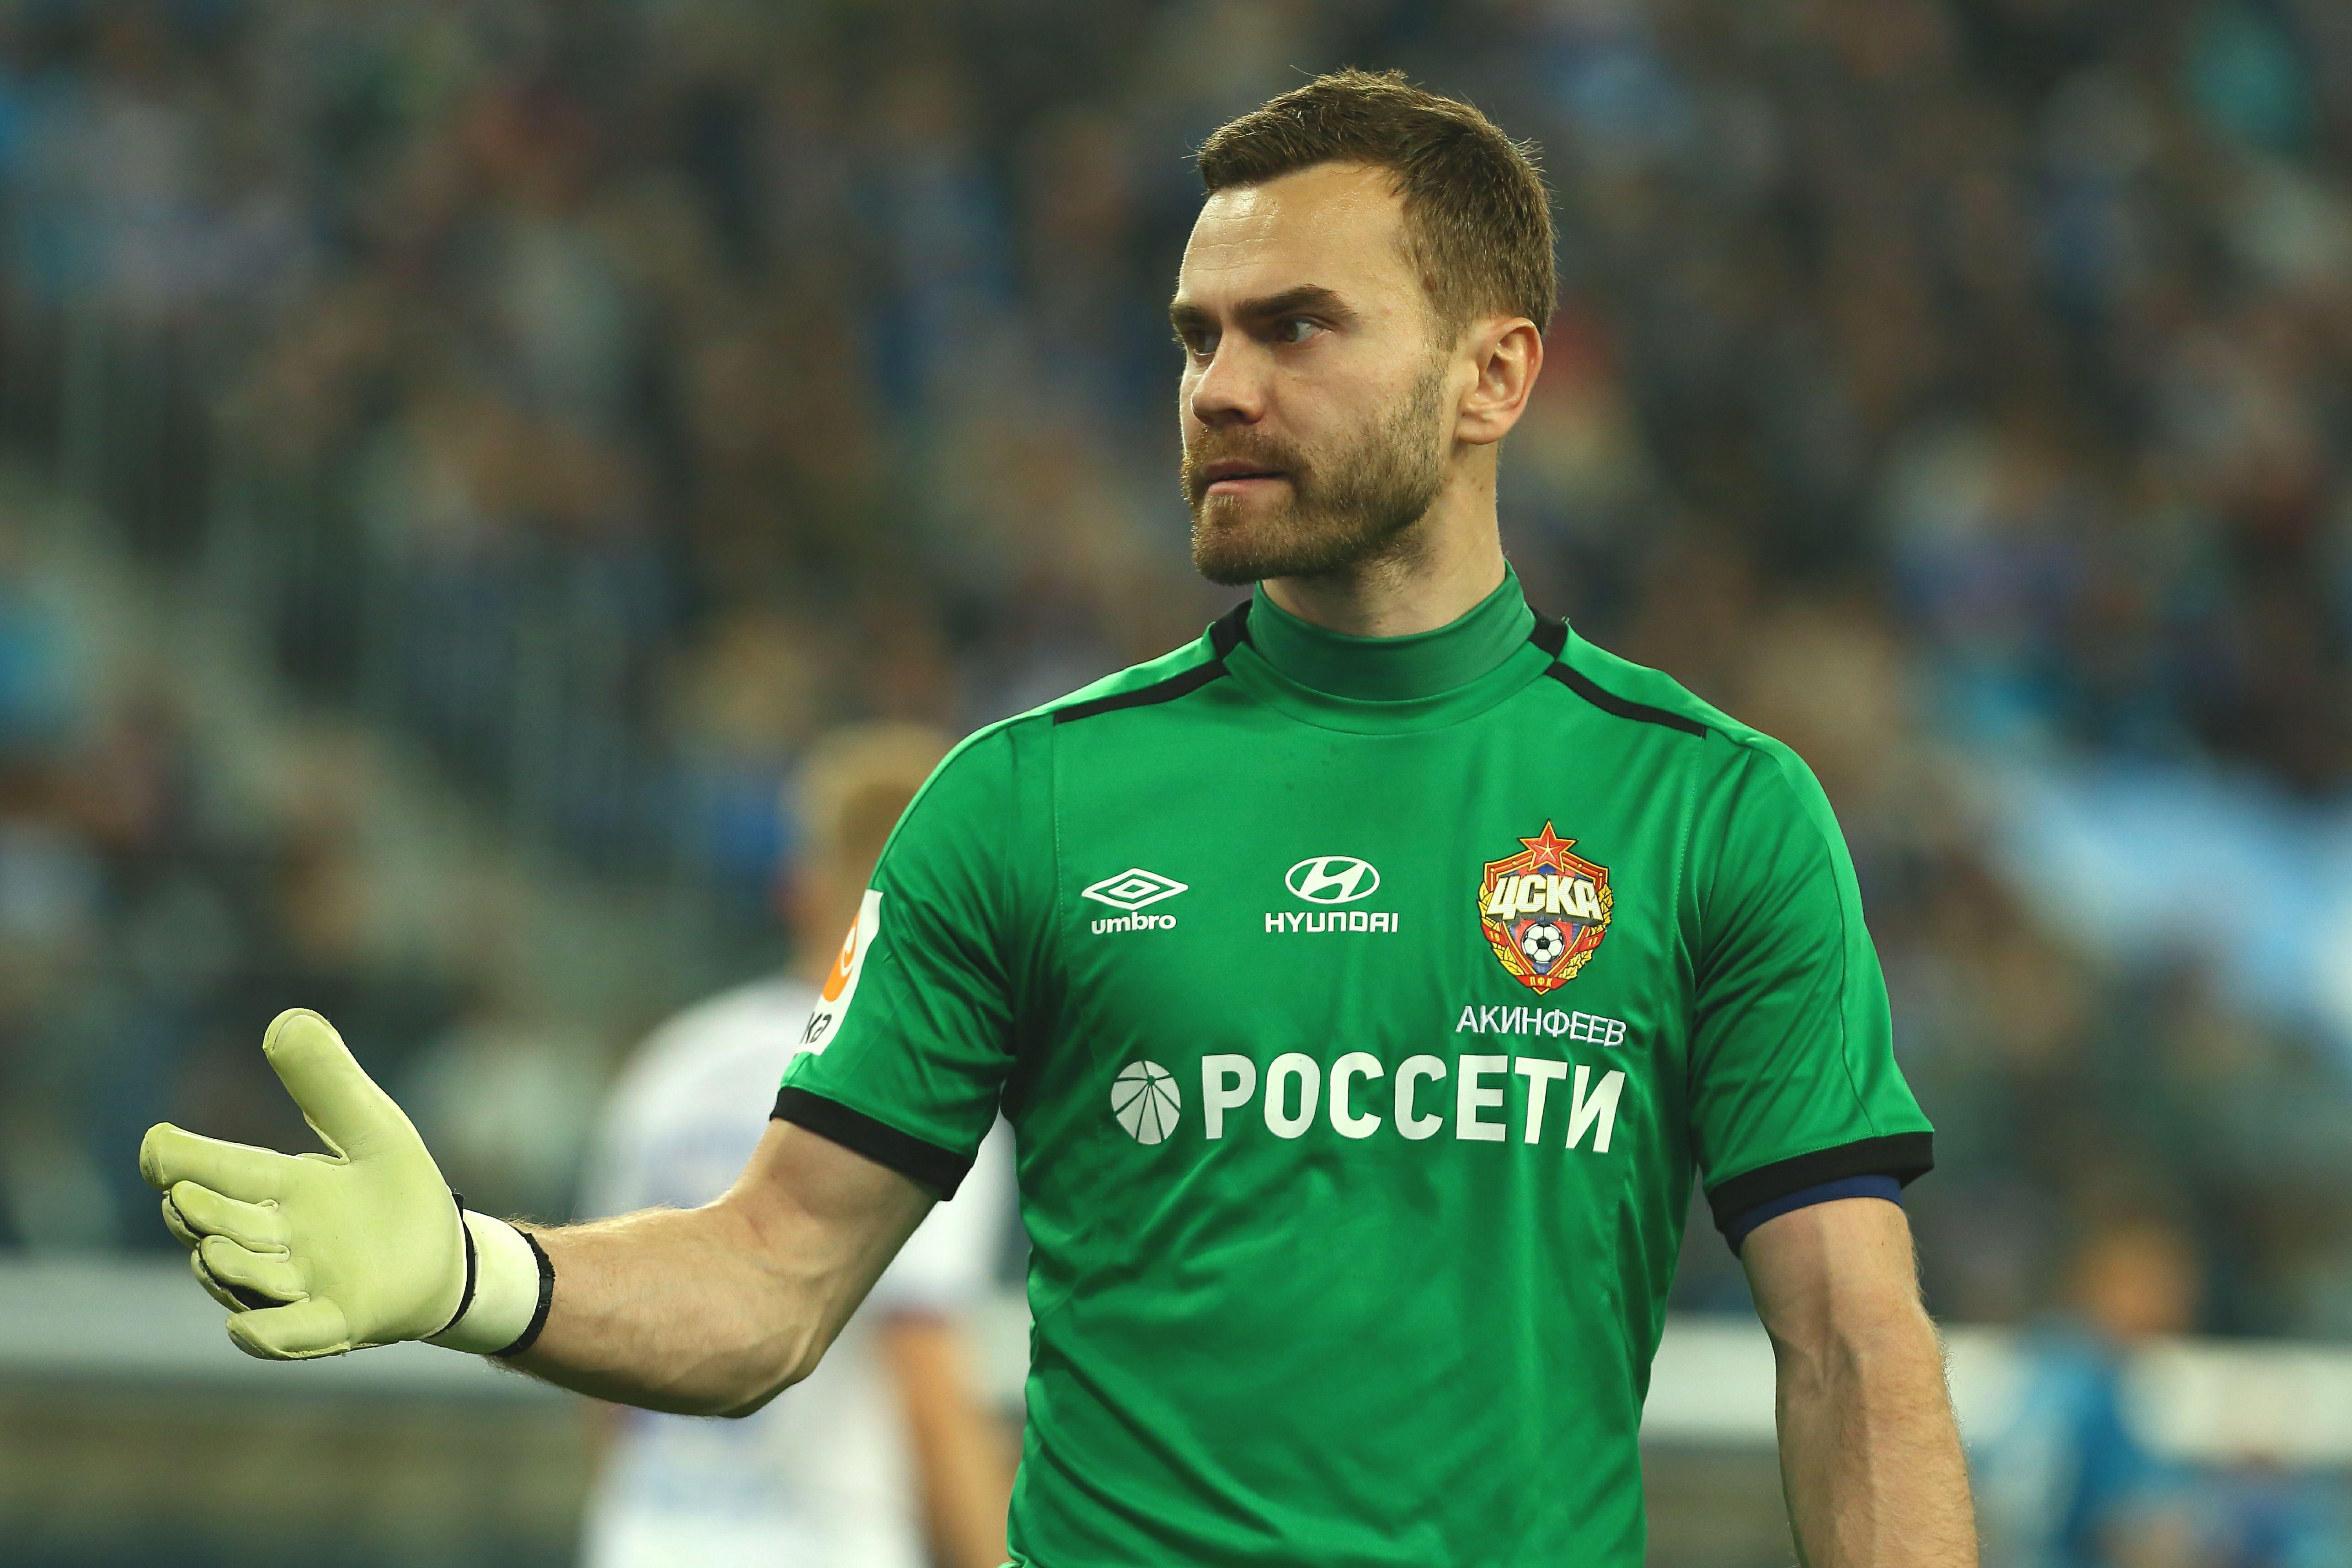 Акинфеев: 'Джикия написал мне: 'Ждём в сборной''